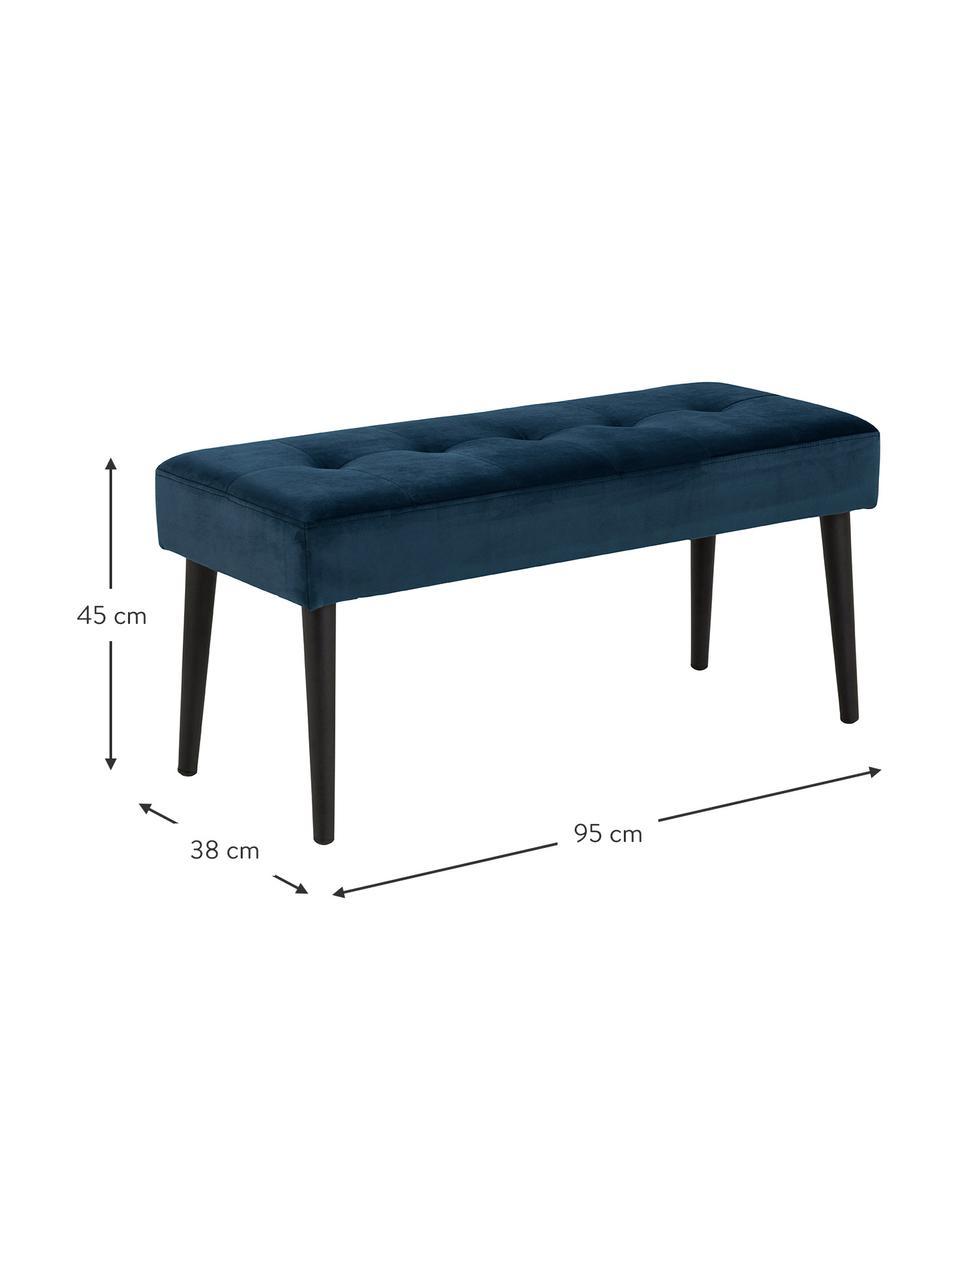 Panca in velluto blu scuro Glory, Rivestimento: velluto di poliestere 25., Struttura: metallo verniciato a polv, Velluto blu, Larg. 95 x Alt. 45 cm